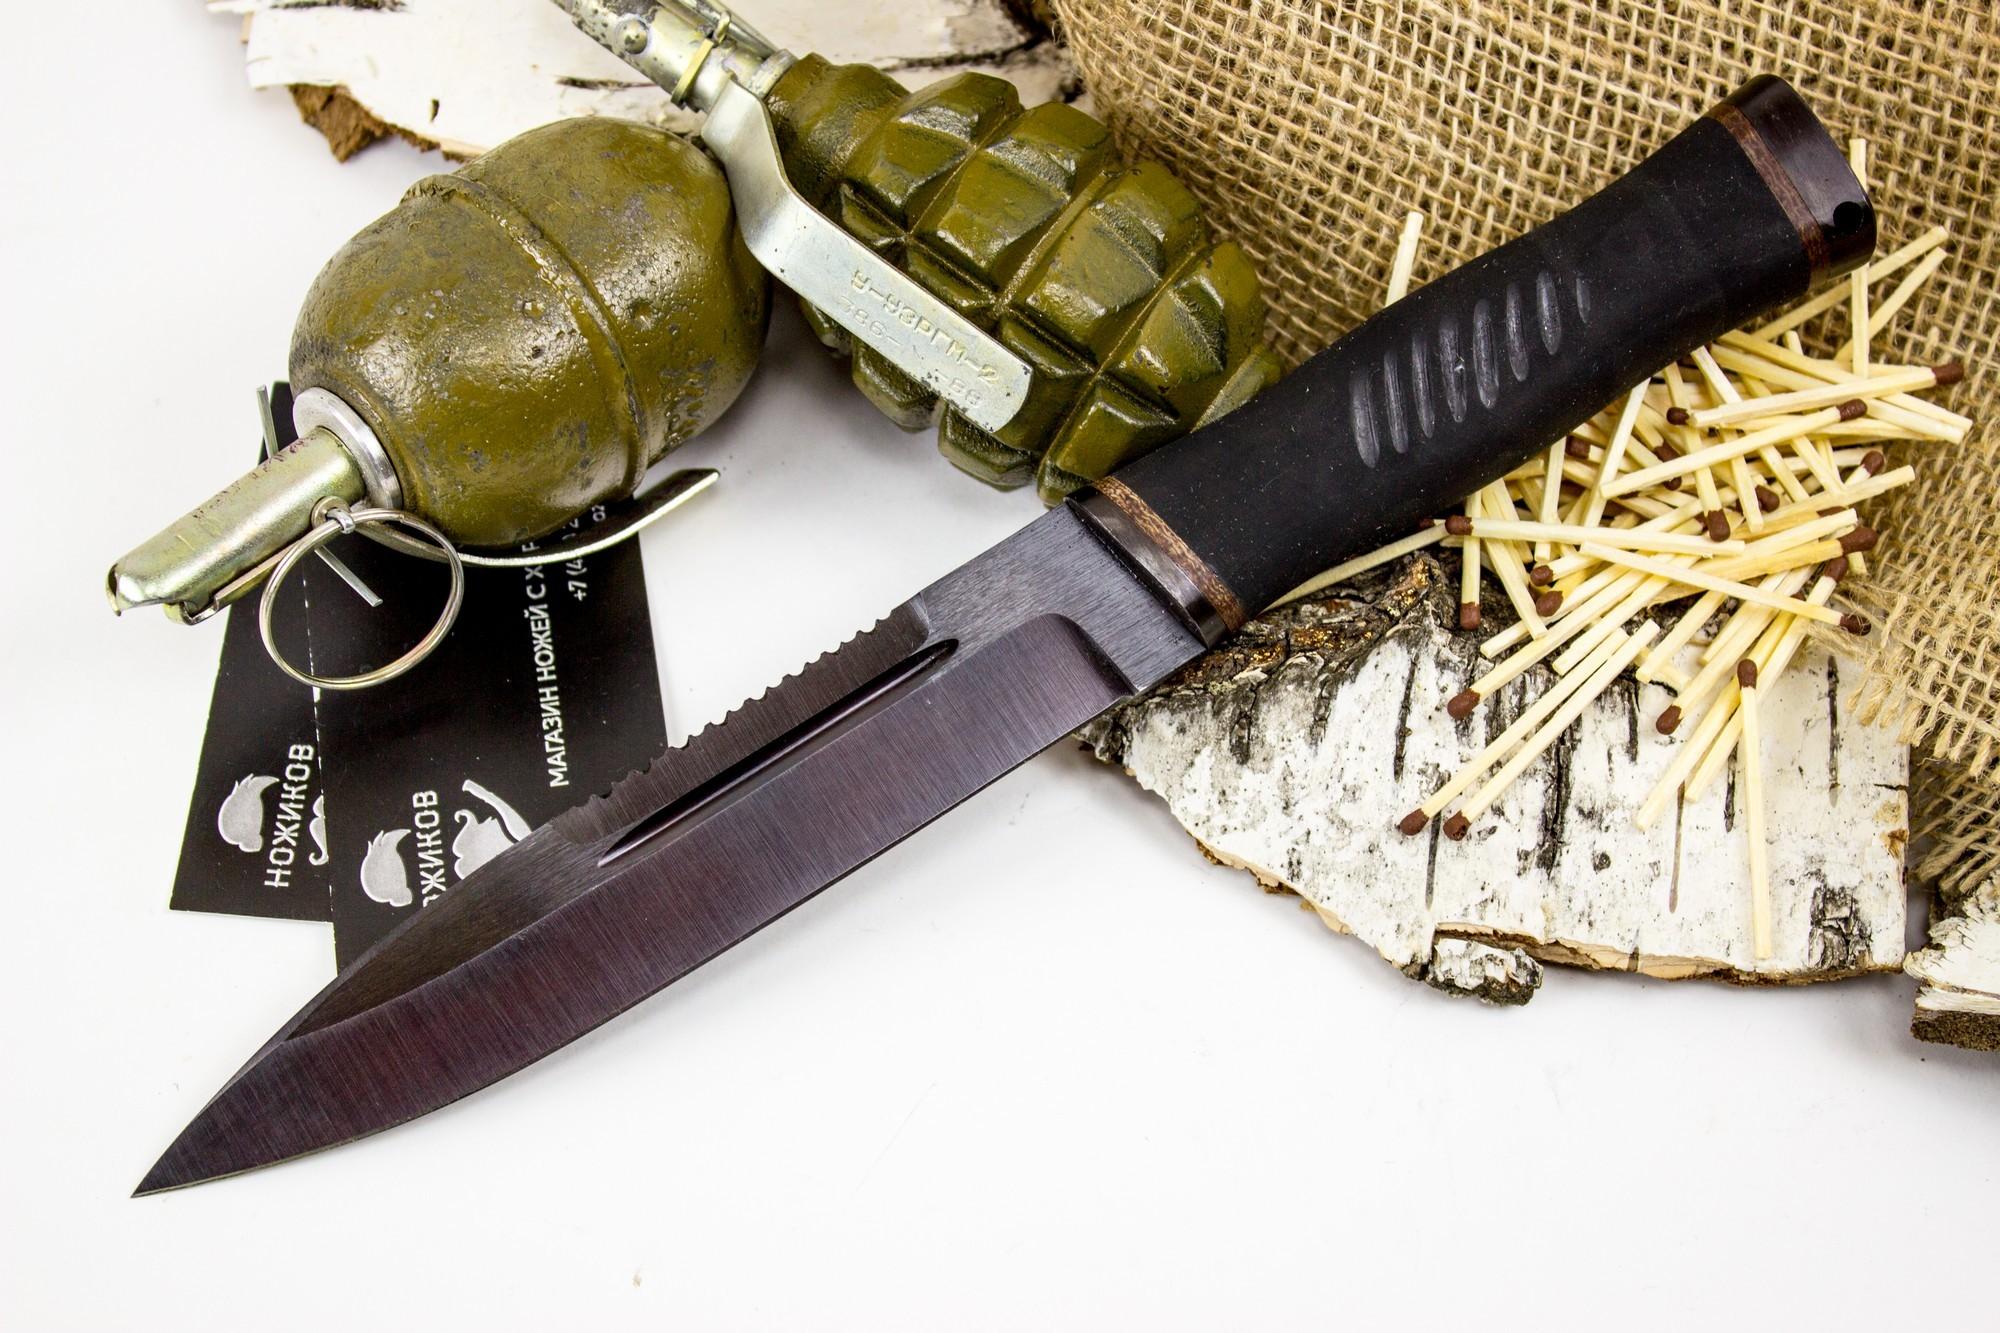 Нож Казак-2, сталь 65Г, резинаНожи Ворсма<br>Нож Казак-2 понравится всем фанатам кинофильмов о Рембо. Нож обладает всеми характеристиками, которые делают его отличным претендентом на роль универсального ножа для всех видов активности: будь то выживание в дикой природе, охота на крупного зверя или ловля плотвы в ближайшем водоеме. Острый кончик ножа предназначен для выполнения колющих ударов. Обрезиненная рукоять уверенно фиксируется даже в мокрой руке, не позволяя пальцам соскользнуть на клинок. На обухе клинка расположены насечки, которые можно использовать в качестве пилы или в качестве инструмента для чистки рыбы.<br>